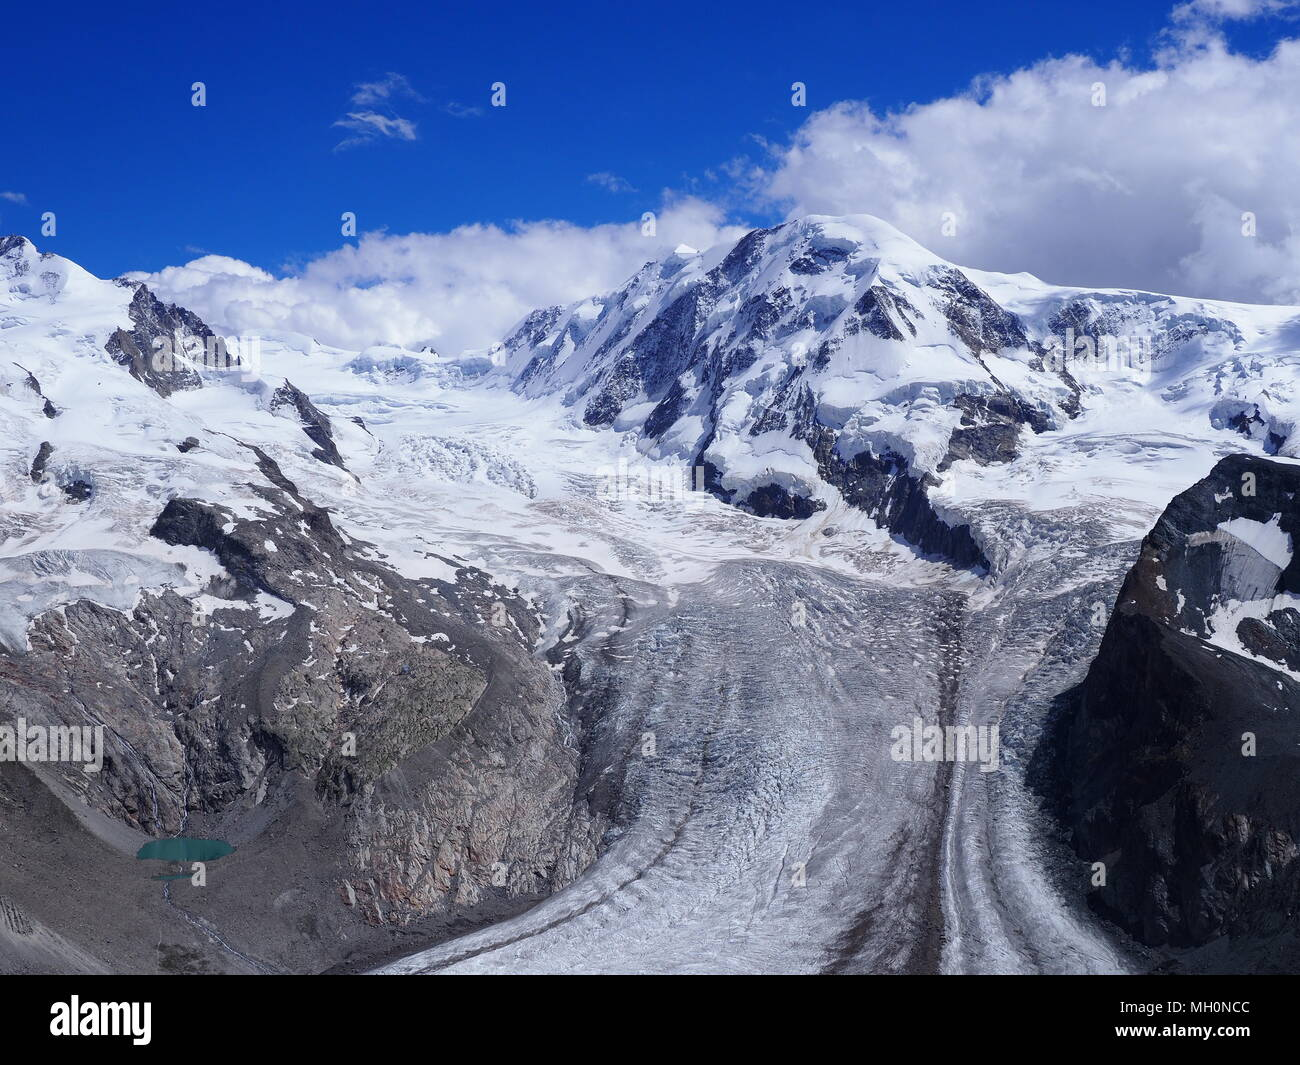 Paysages d'hiver pittoresque de Monte Rosa paysage de glaciers alpins et Dufourspitze en Suisse Photo Stock